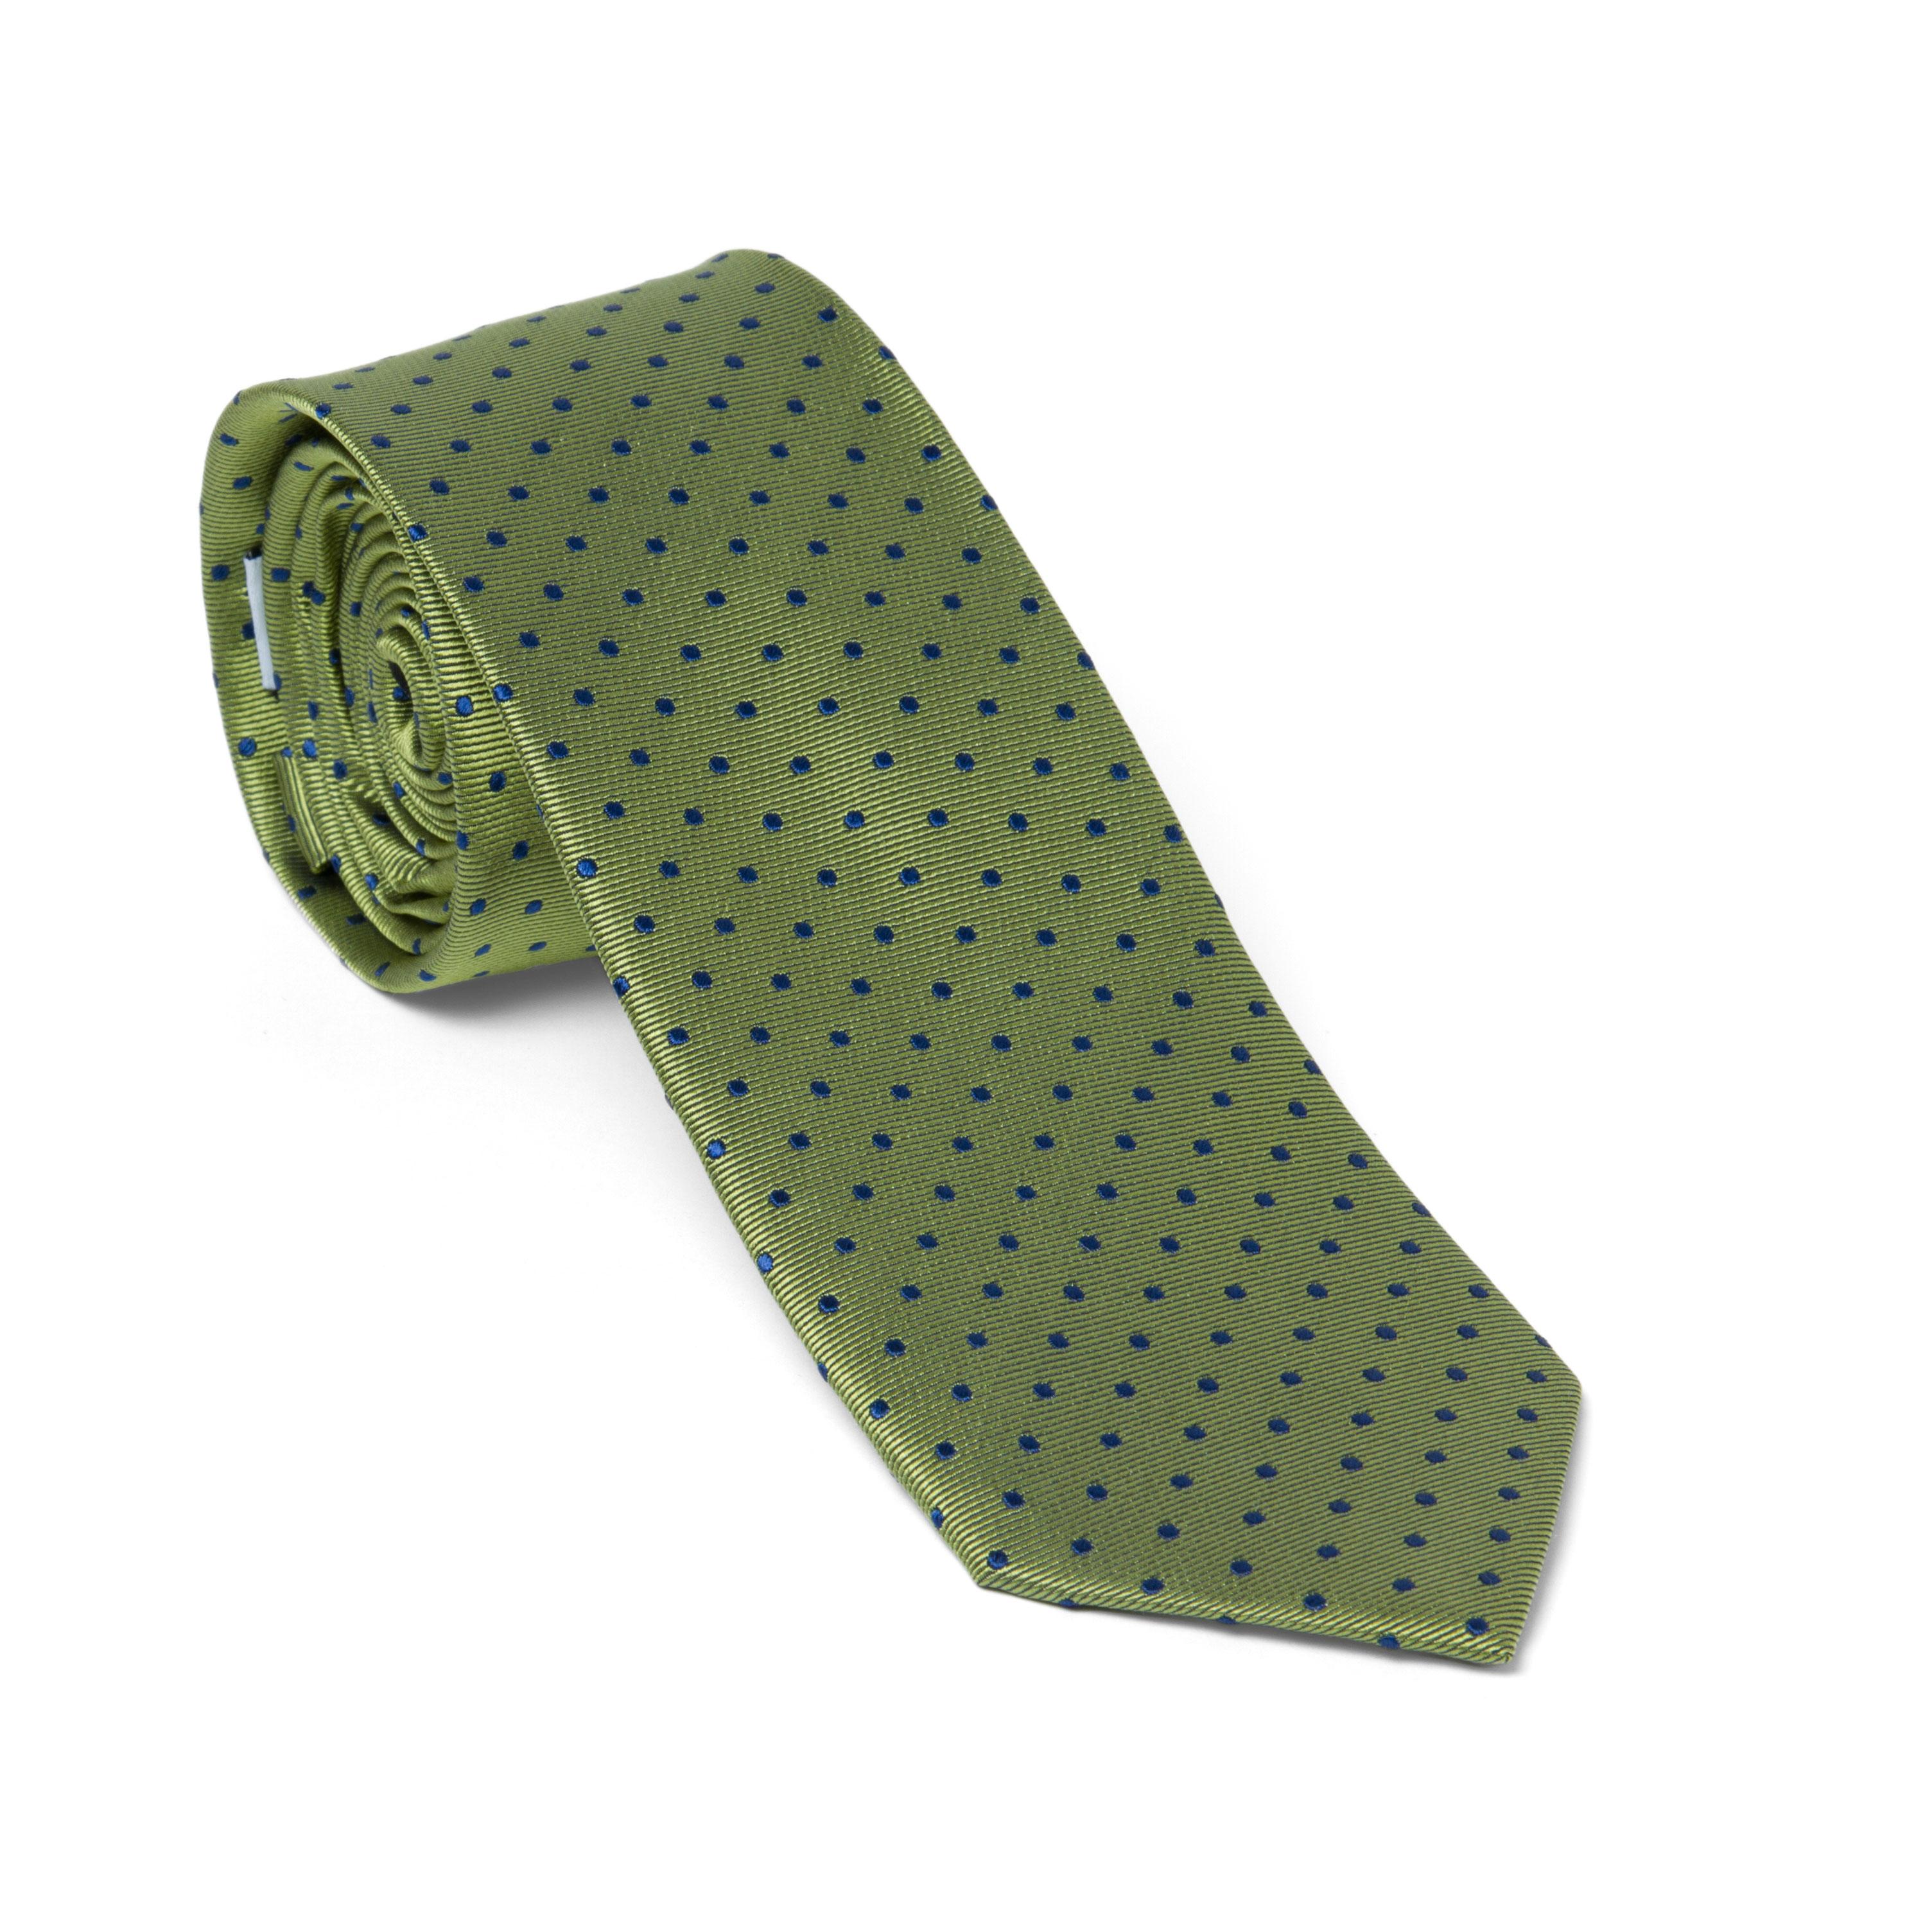 Krawatte-Gruen-Blau-Gepunktet-tiefru0865000-1